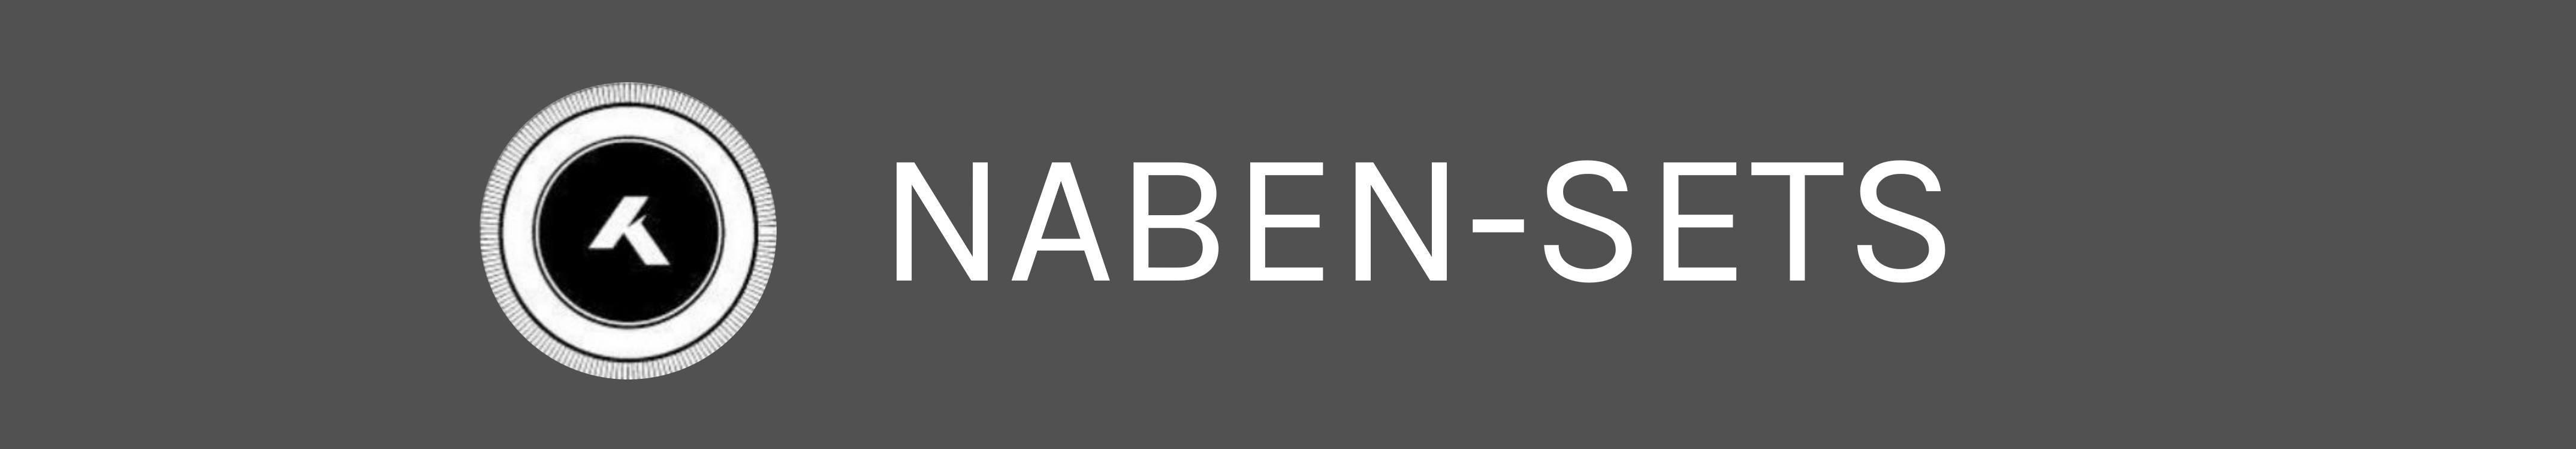 KHE-Banner-Naben-Sets